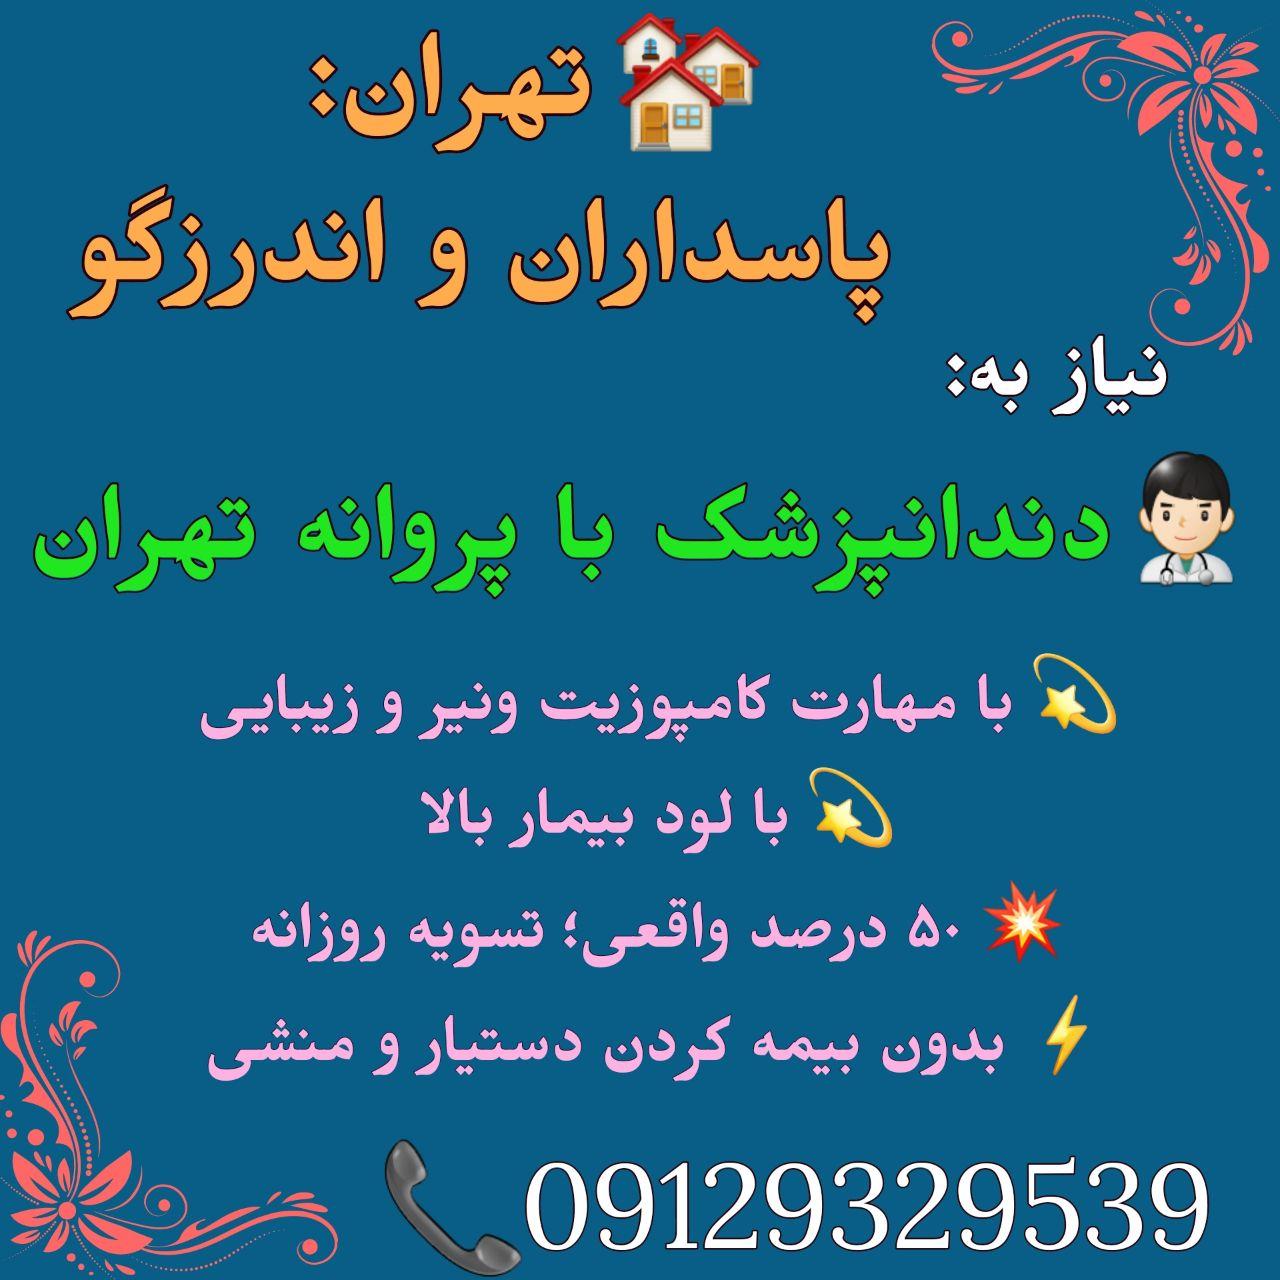 تهران: پاسداران و اندرزگو، نیاز به دندانپزشک با پروانه تهران